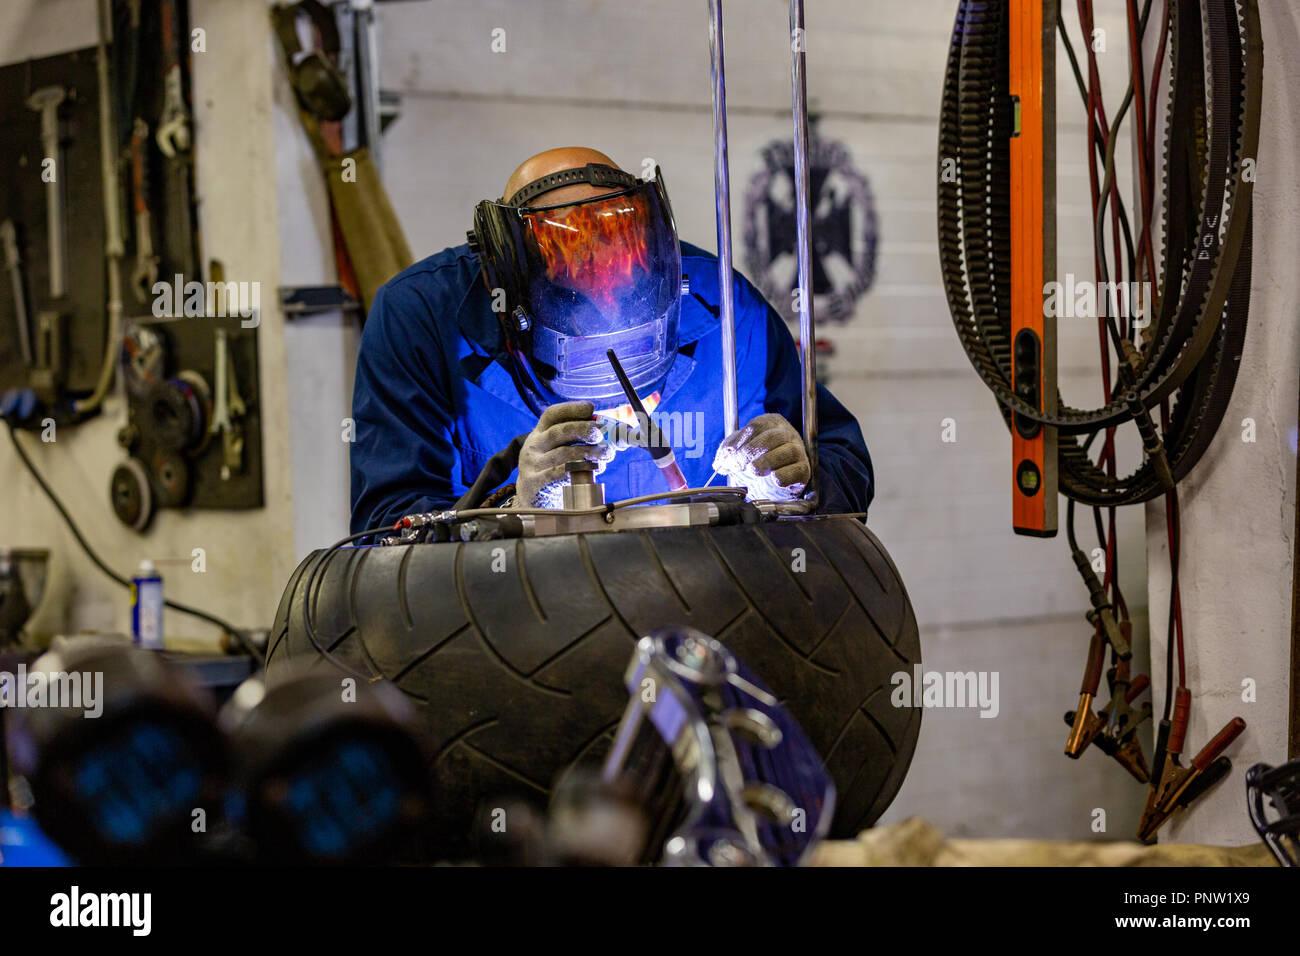 Professionelle Kfz-Mechaniker arbeiten in Auto Reparatur Service auf Argon Gas Schneidemaschine Stockbild